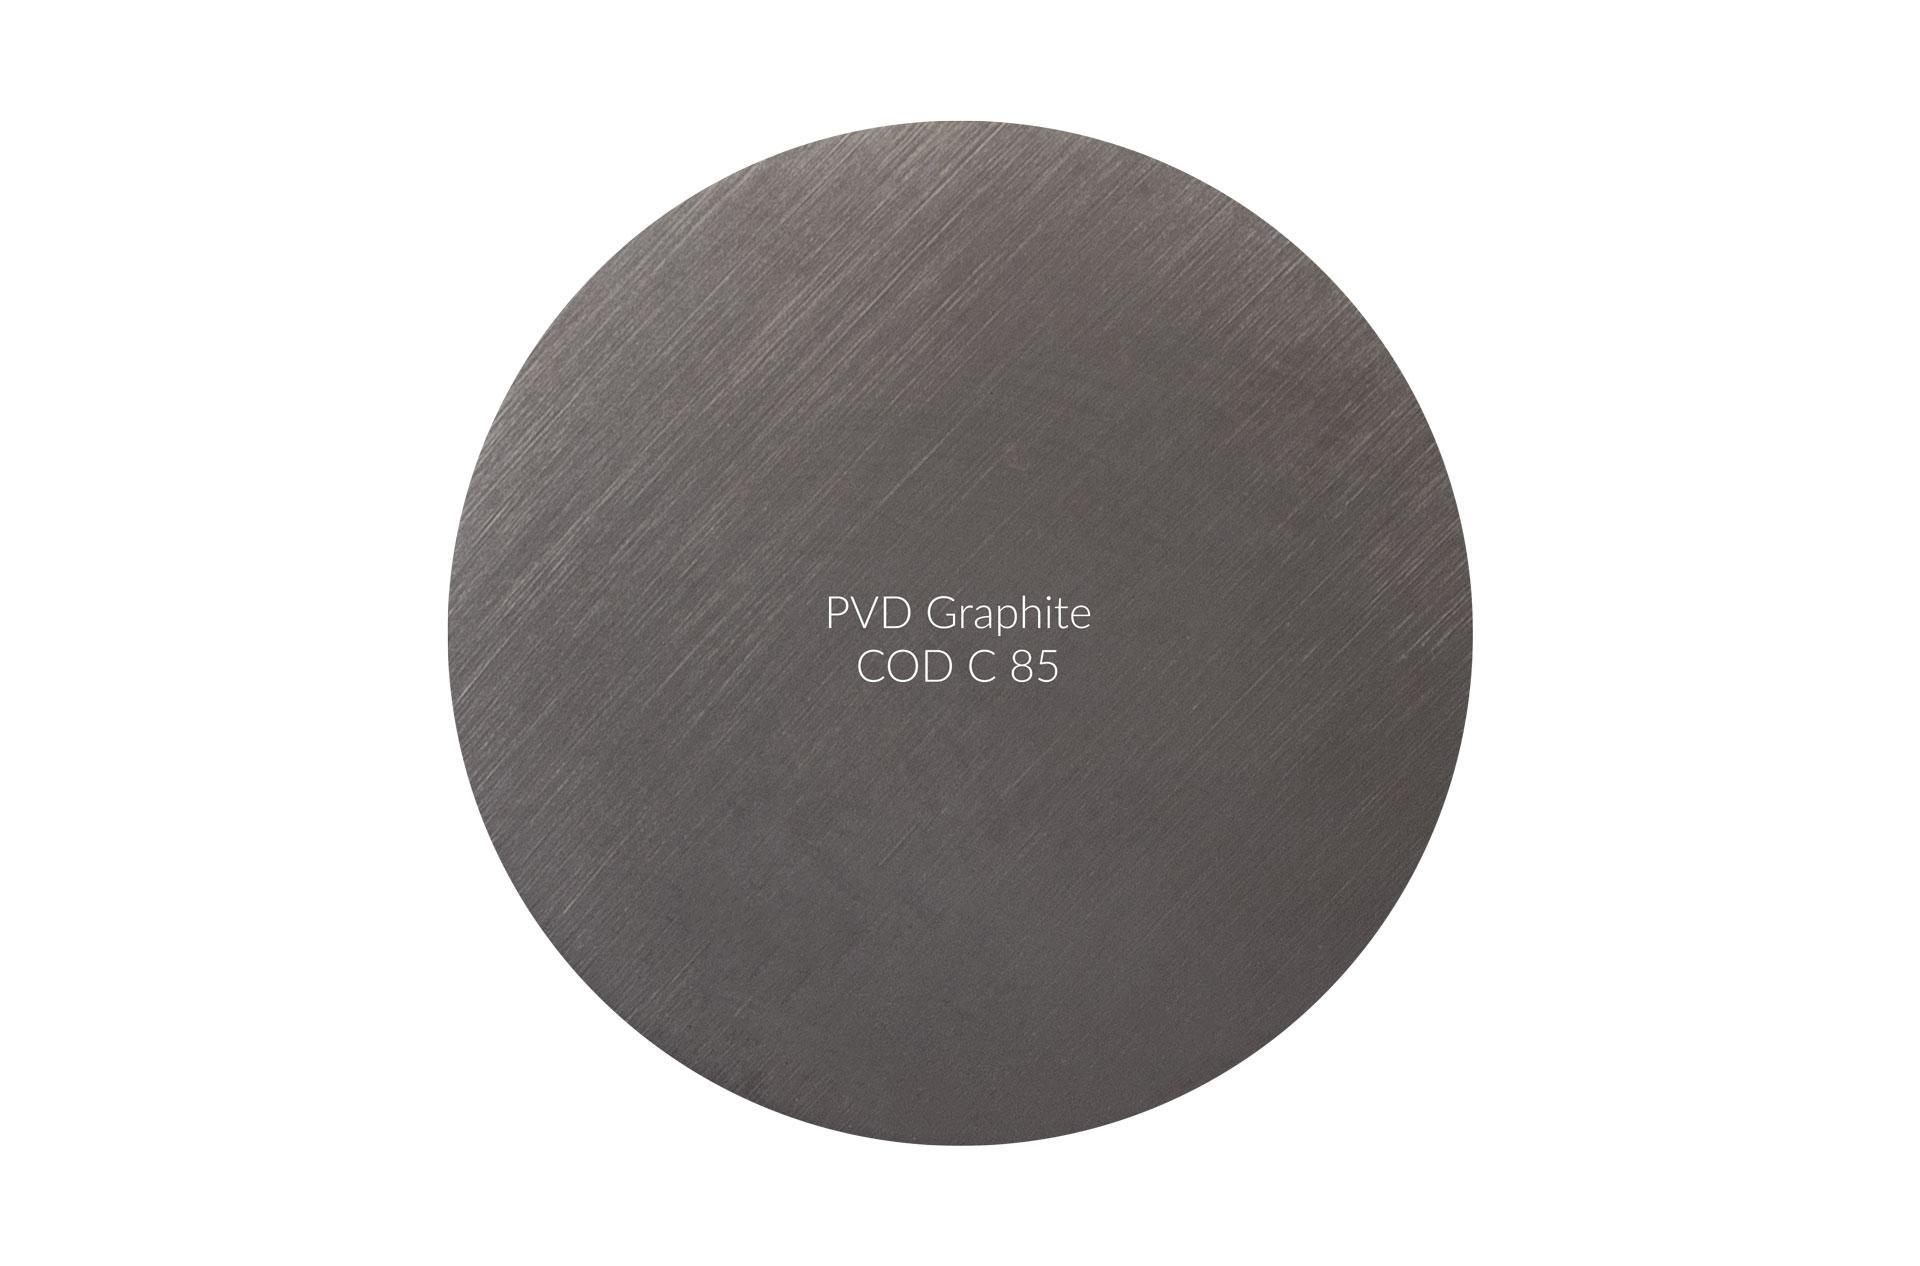 Dischetto PVD Graphite cod C 85 graffiato